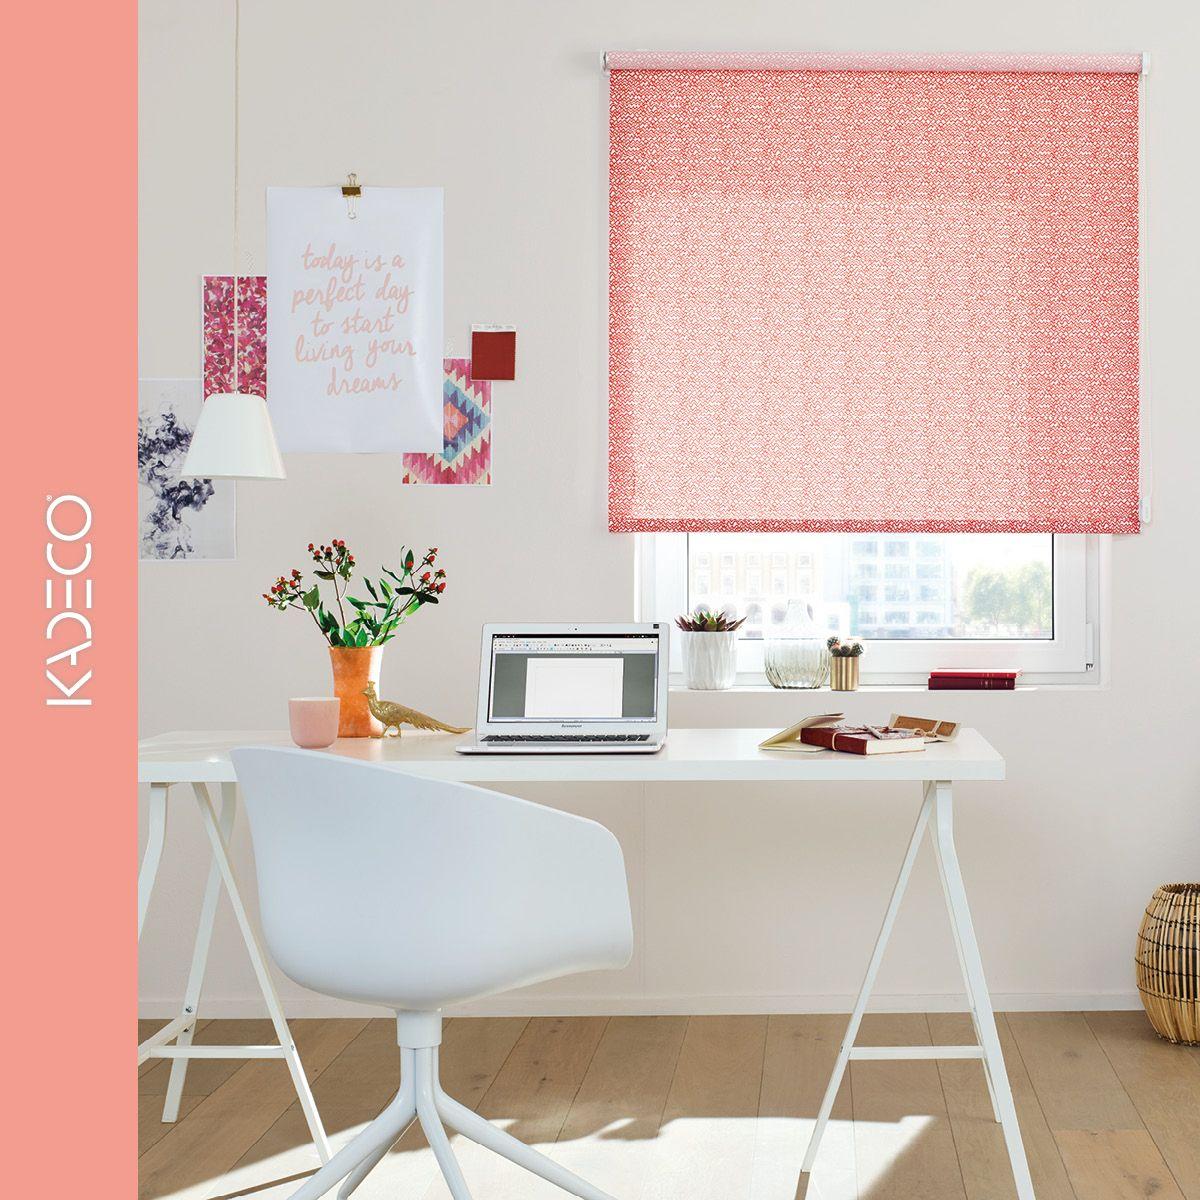 Mit unseren Designs kannst du deinen Einrichtungsstil toll